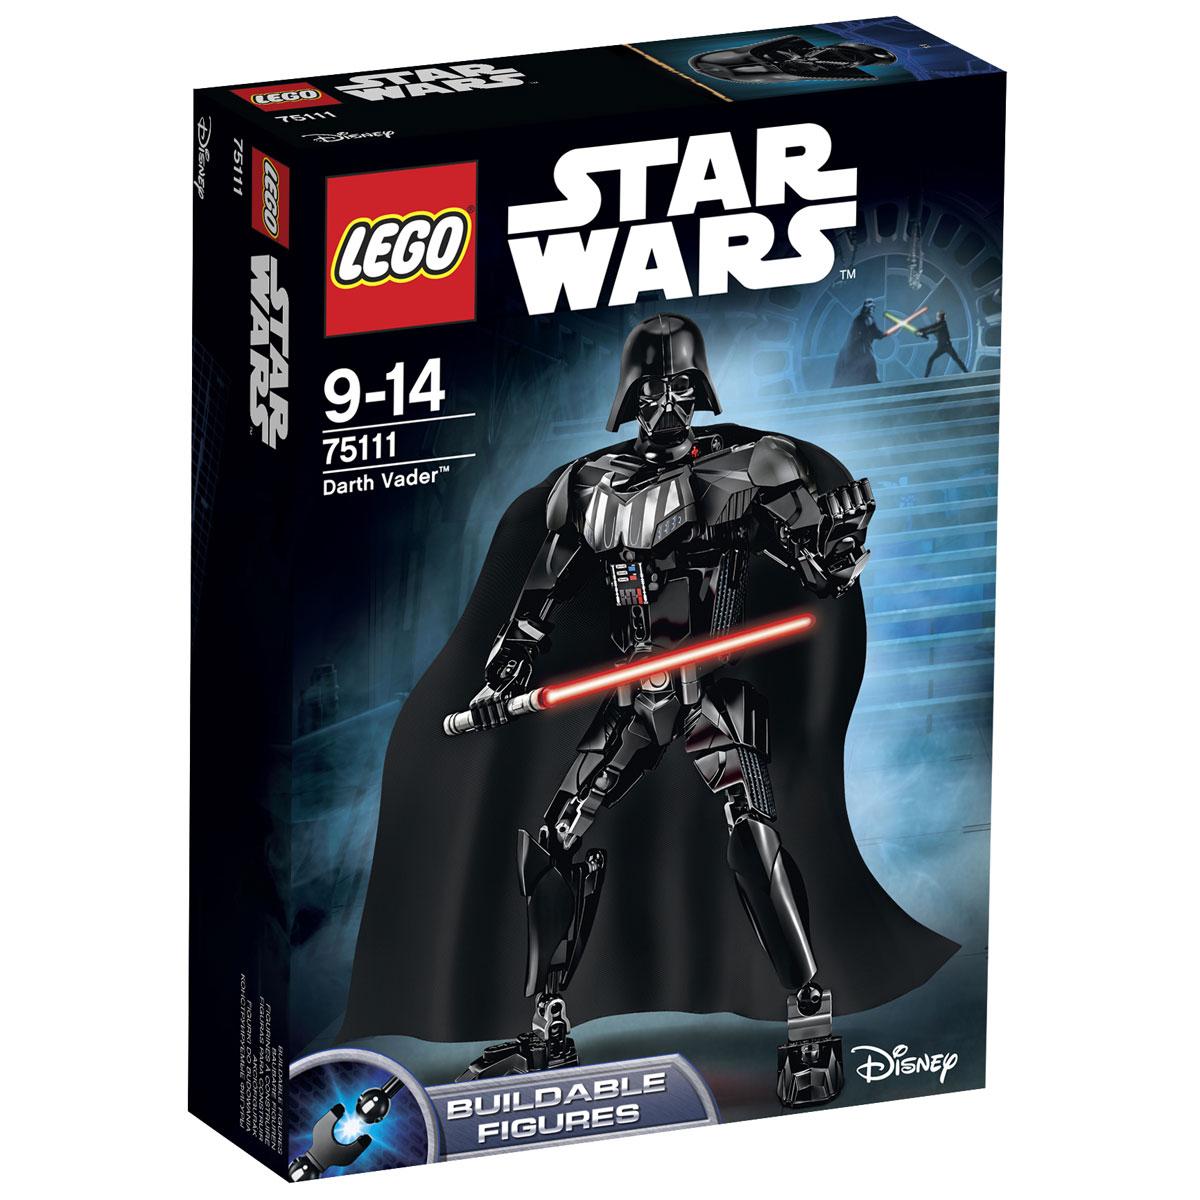 LEGO Star Wars Конструктор Дарт Вейдер 7511175111Конструктор LEGO Дарт Вейдер станет отличным подарком фанатам Звездных войн! После дуэли с Оби-Ваном Кеноби Дарт Вейдер был вынужден носить уникальные доспехи, которые стали его своеобразной визитной карточкой. По сути, это мрачное обмундирование служило многофункциональной системой жизнеобеспечения, которая не только скрывала тяжелейшие травмы Вейдера, но и помогала ему ощутить всю мощь Тёмной стороны Силы. На голове Лорда ситов красовался начищенный чёрный шлем, соединённый с маской. В ней был установлен дыхательный аппарат с треугольным воздушным фильтром в области рта. Грудная клетка и плечи Вейдера покрывались специальной бронёй, выполненной из прочных сплавов чёрного и серого цвета. К верхним швам нагрудника присоединялся длинный матерчатый плащ, который эффектно развивался при ходьбе. В области солнечного сплетения была зафиксирована панель управления, состоящая из кнопок и разноцветных индикаторов. С её помощью можно было отрегулировалось большинство функций костюма....